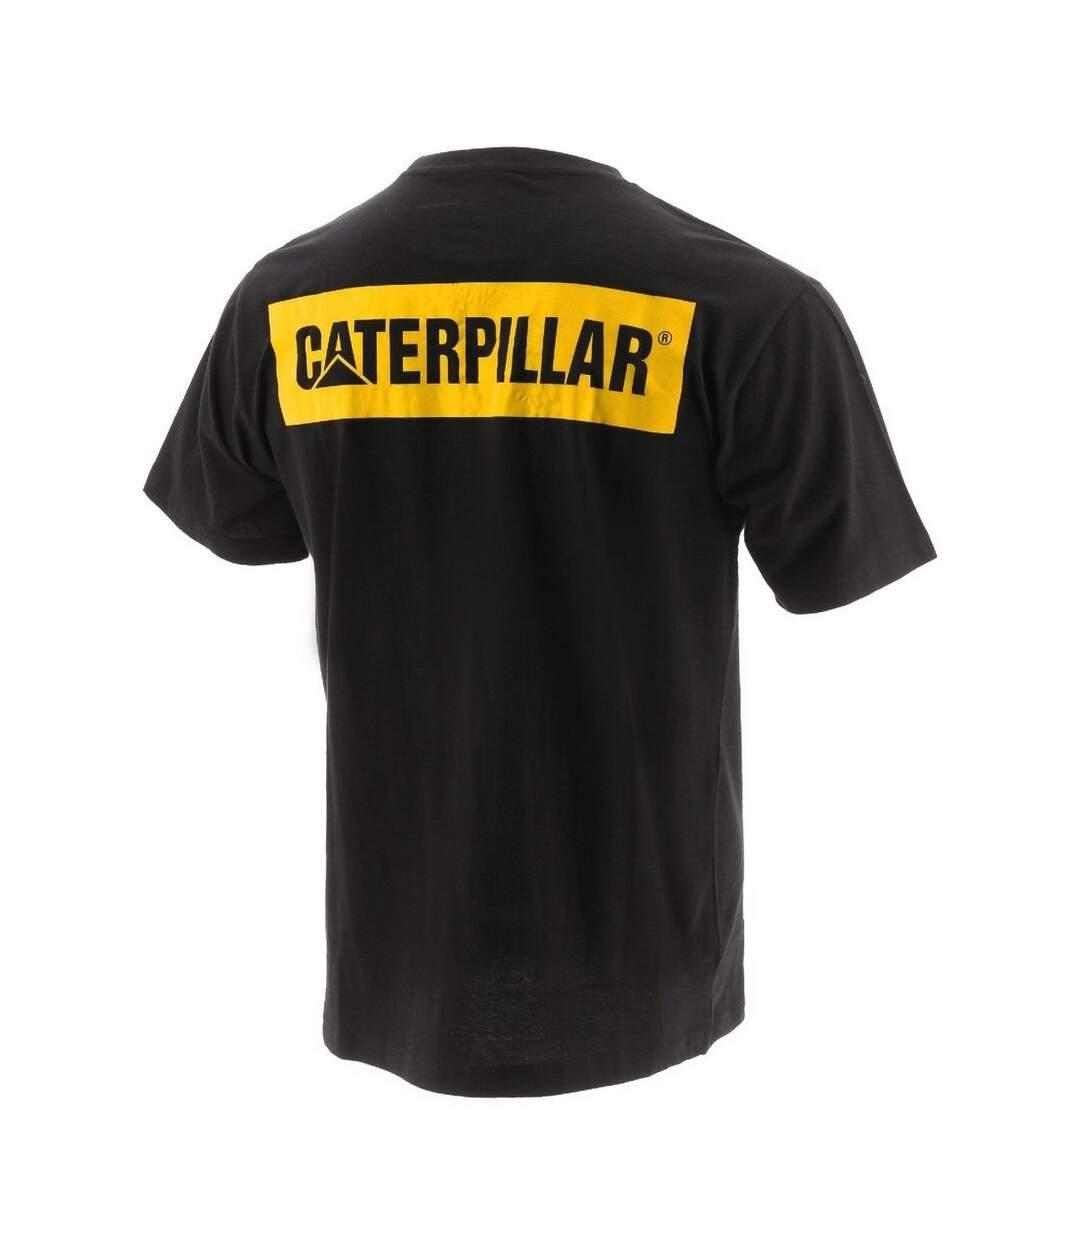 Caterpillar Mens Icon Block Short Sleeved T-Shirt (Black) - UTFS6850